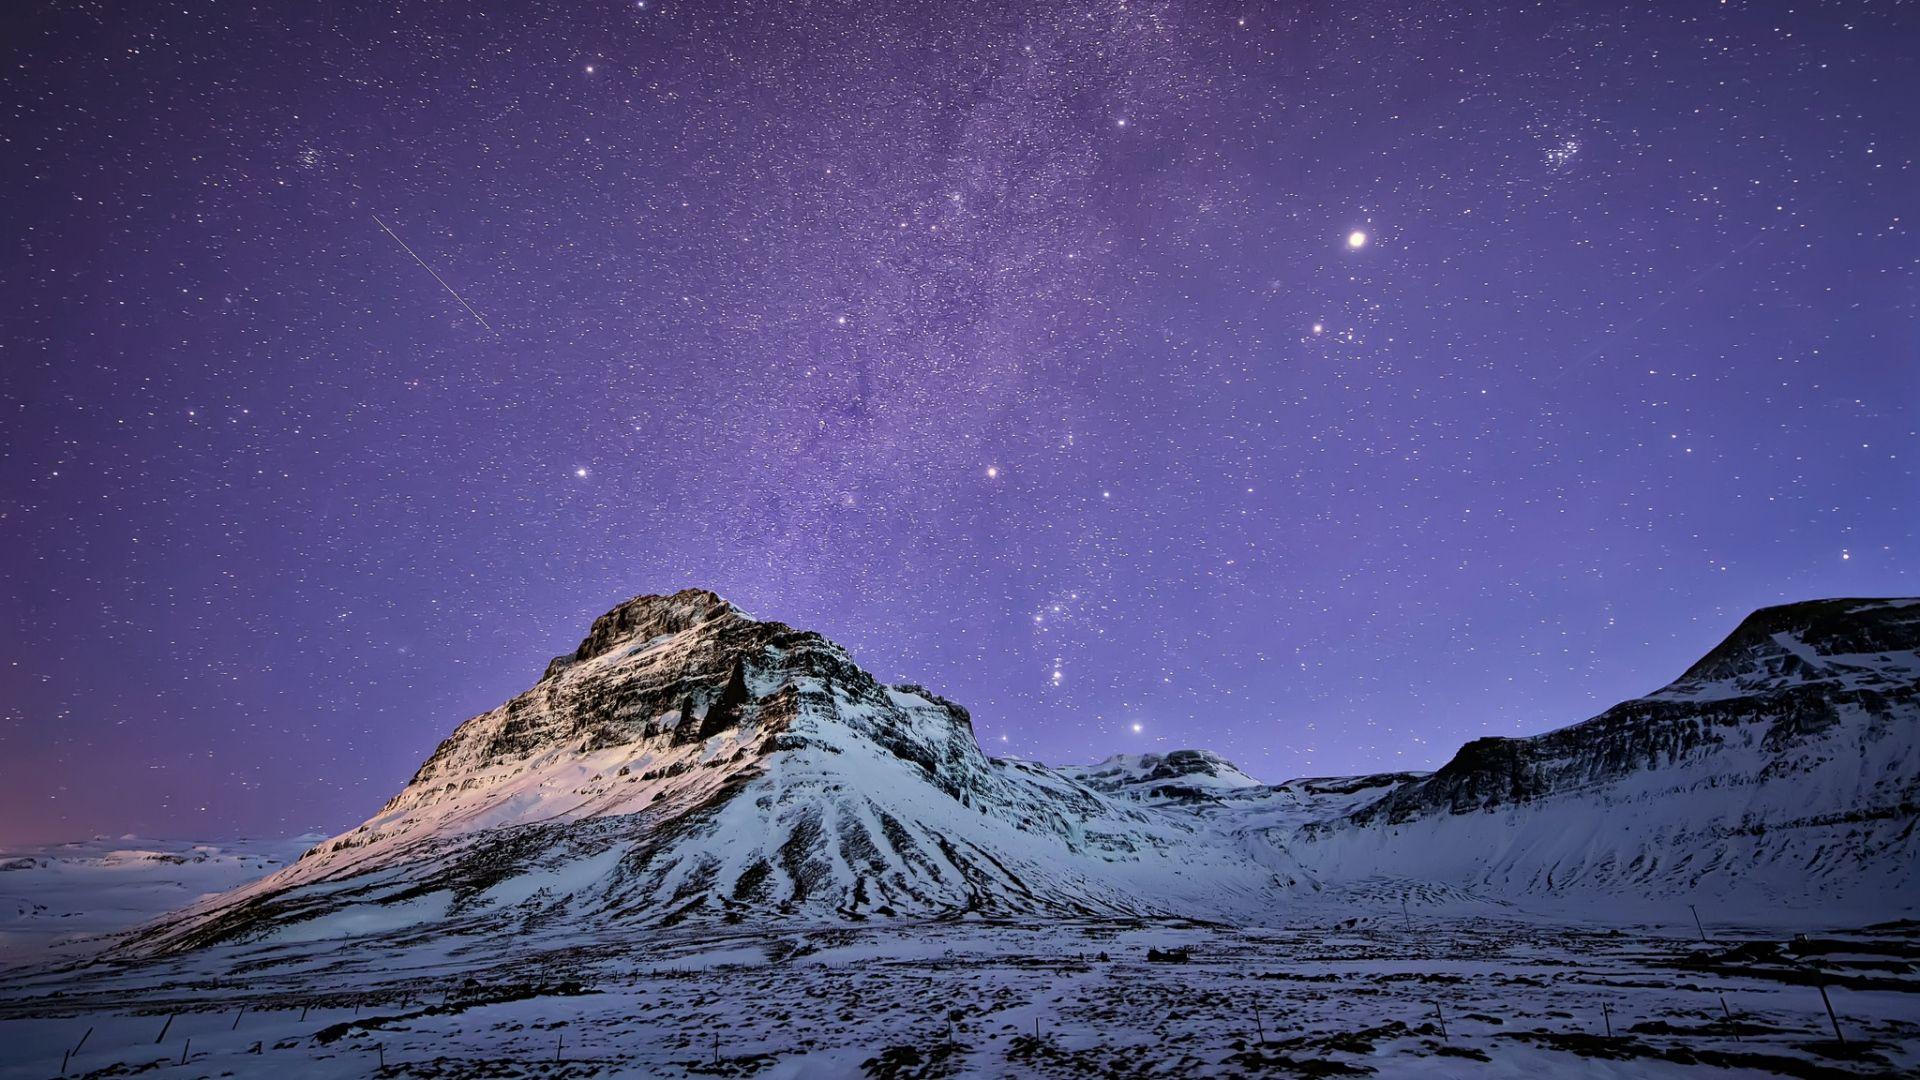 3840x2160 Milky Way Wallpaper For 4k 136 696